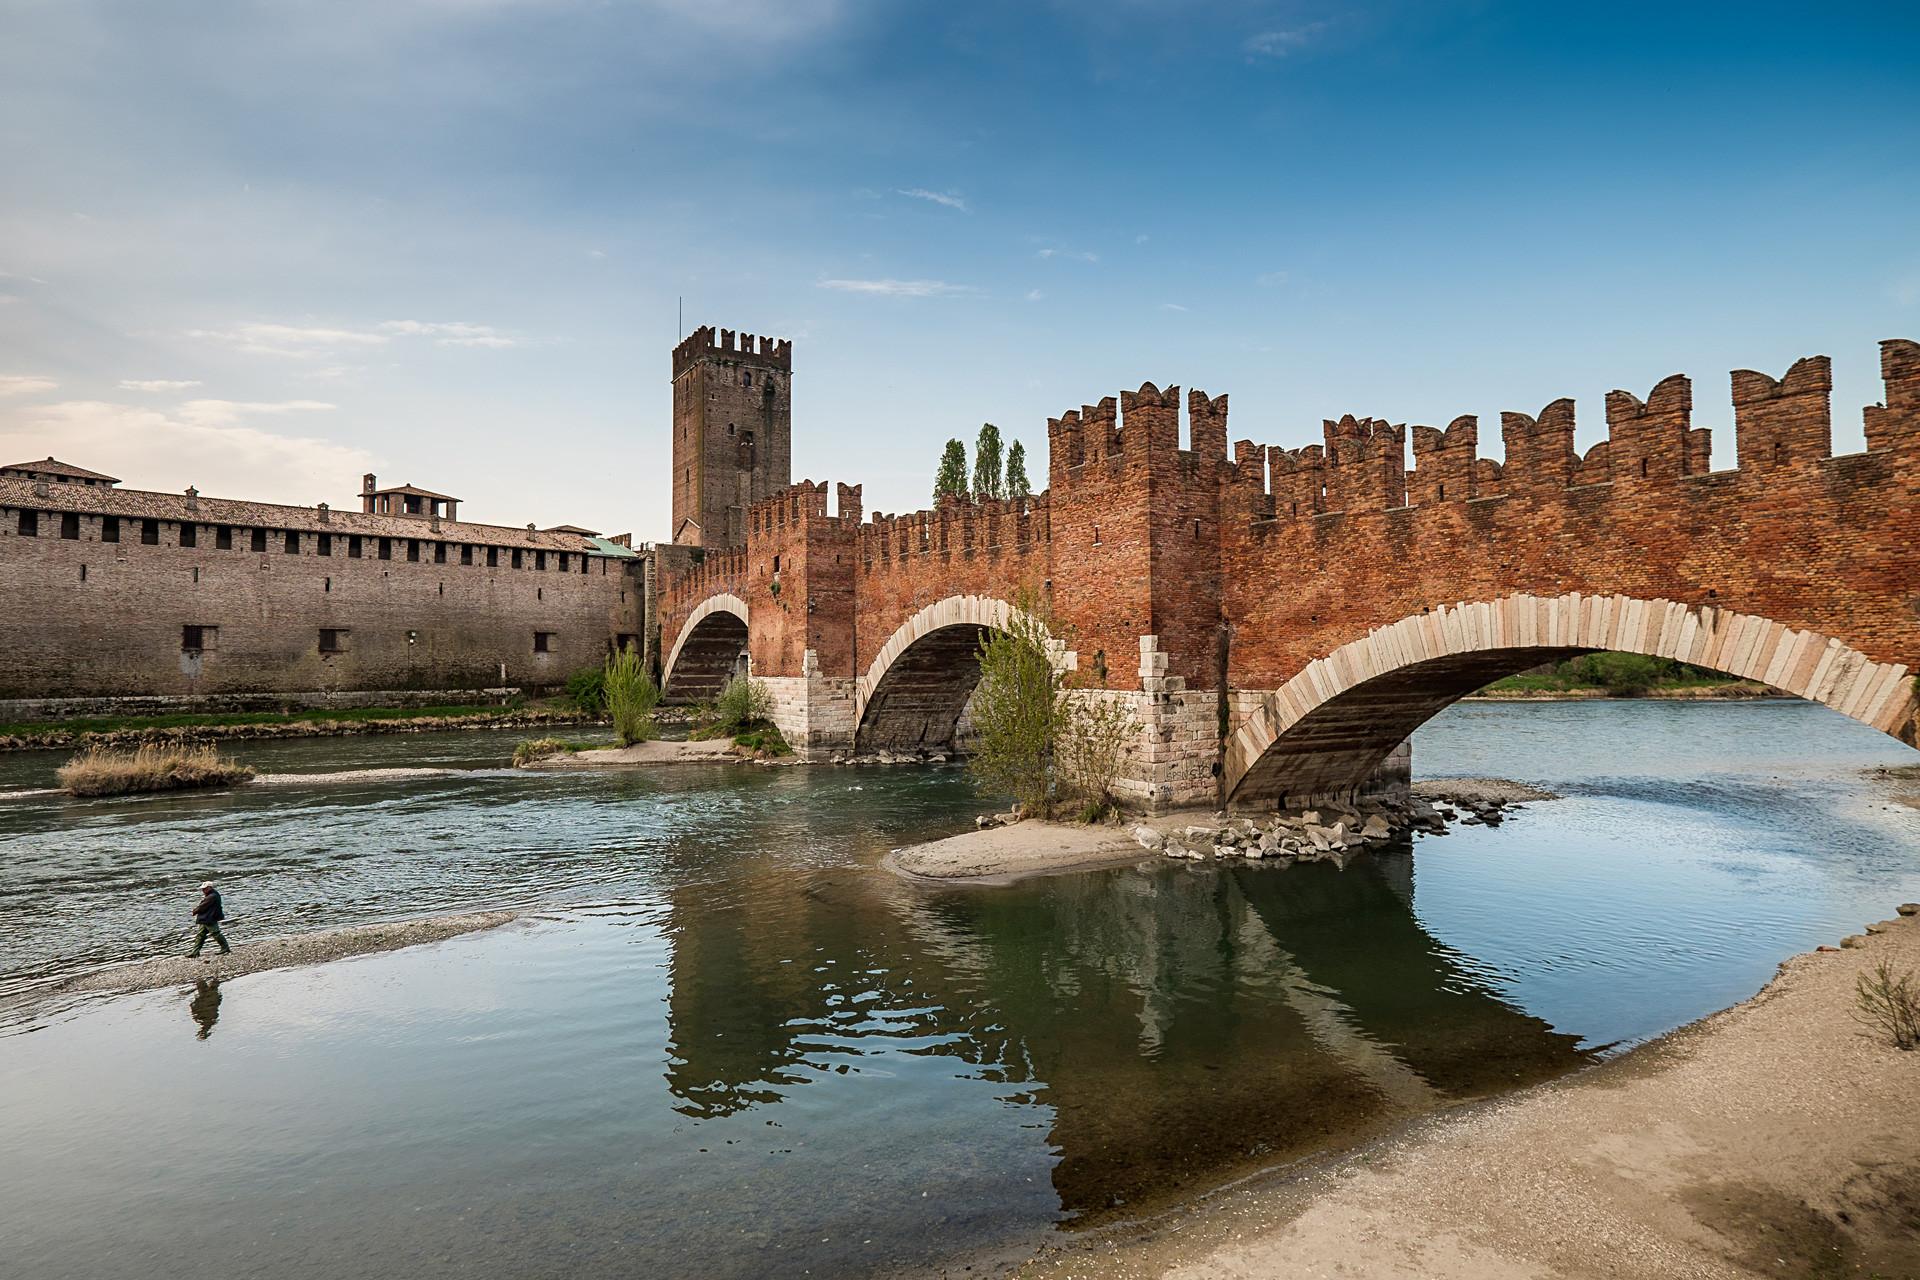 Castelvecchio fortress in Verona, Veneto.